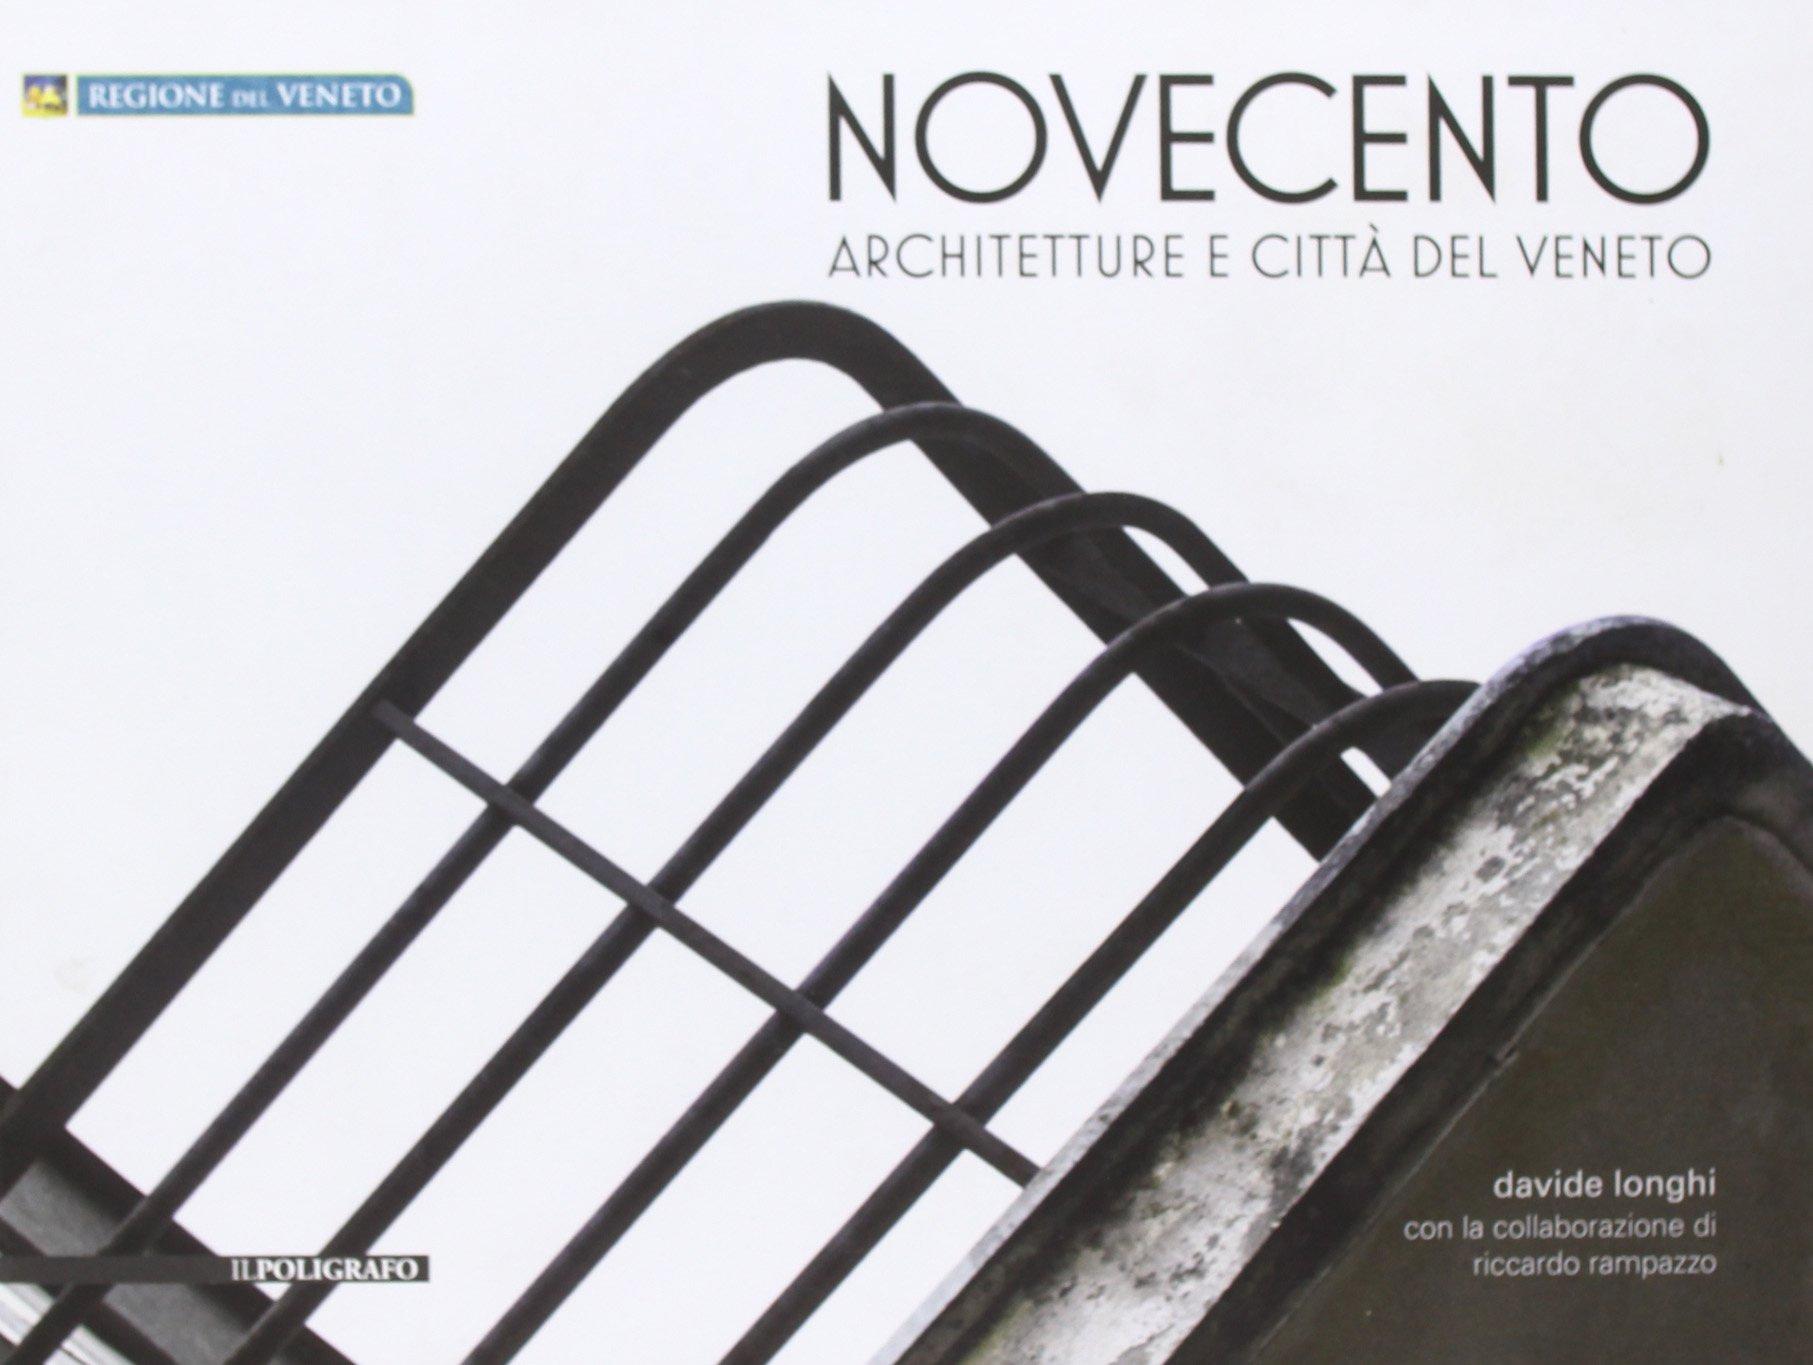 D. Longhi, Novecento. Architetture e città del Veneto, Il Poligrafo, 2012